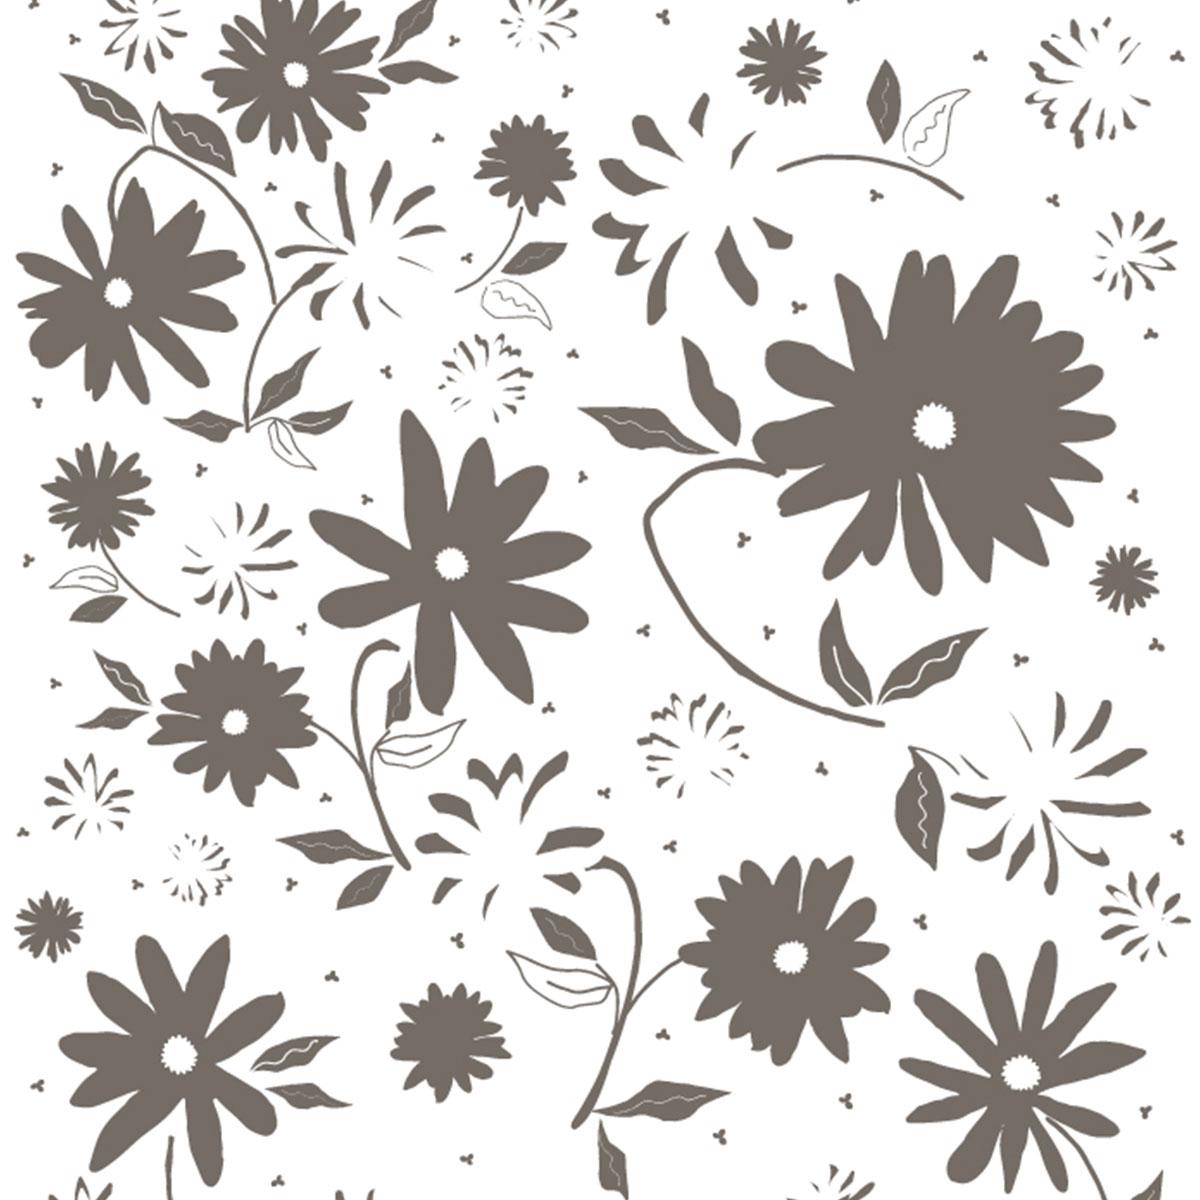 annaj_floral_bandana_print_2.jpg